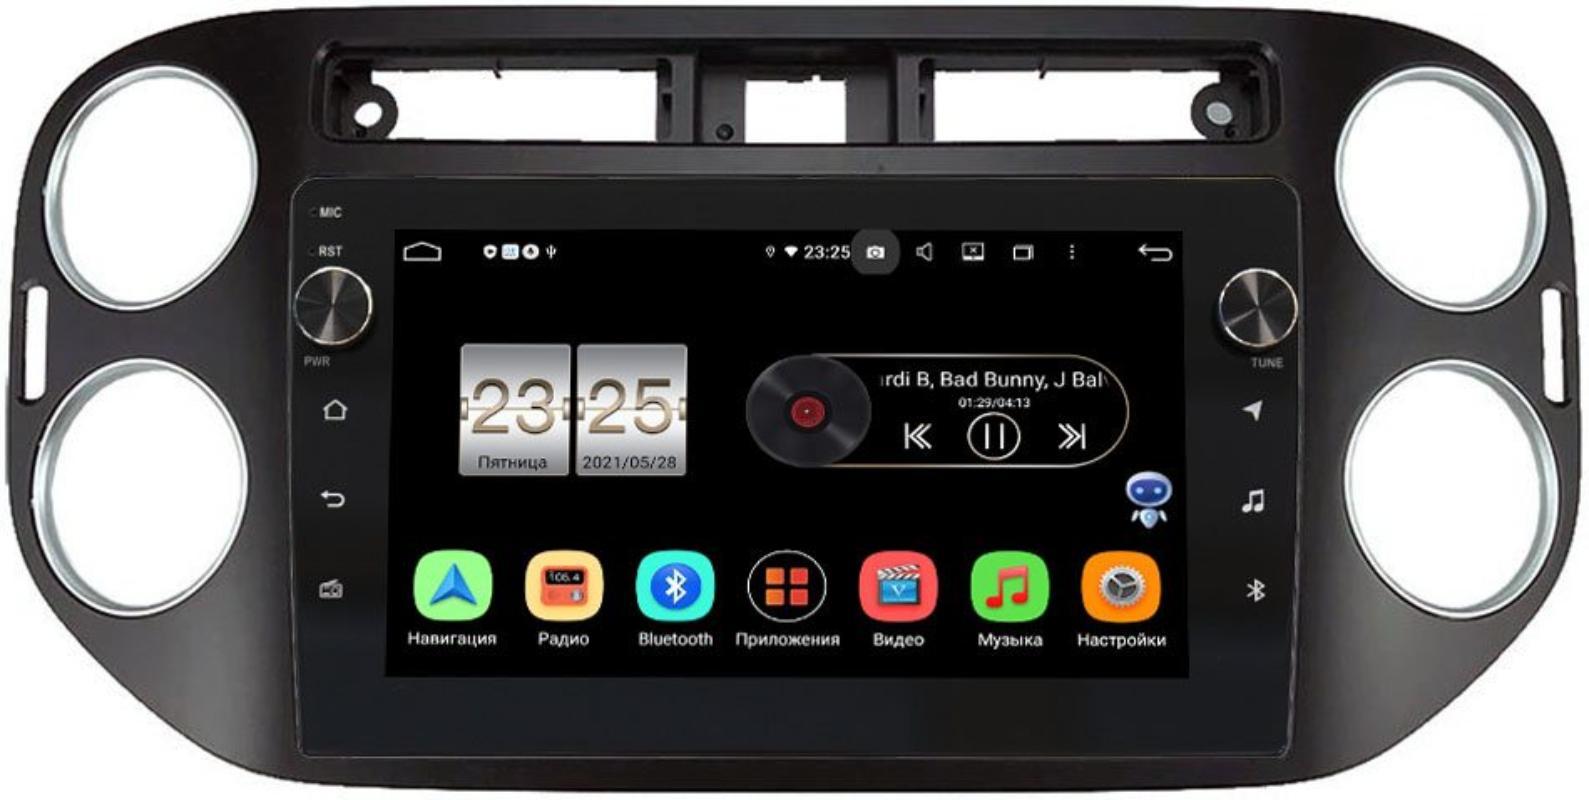 Штатная магнитола Volkswagen Tiguan 2011-2016 LeTrun BPX609-1042 на Android 10 (4/64, DSP, IPS, с голосовым ассистентом, с крутилками) (+ Камера заднего вида в подарок!)